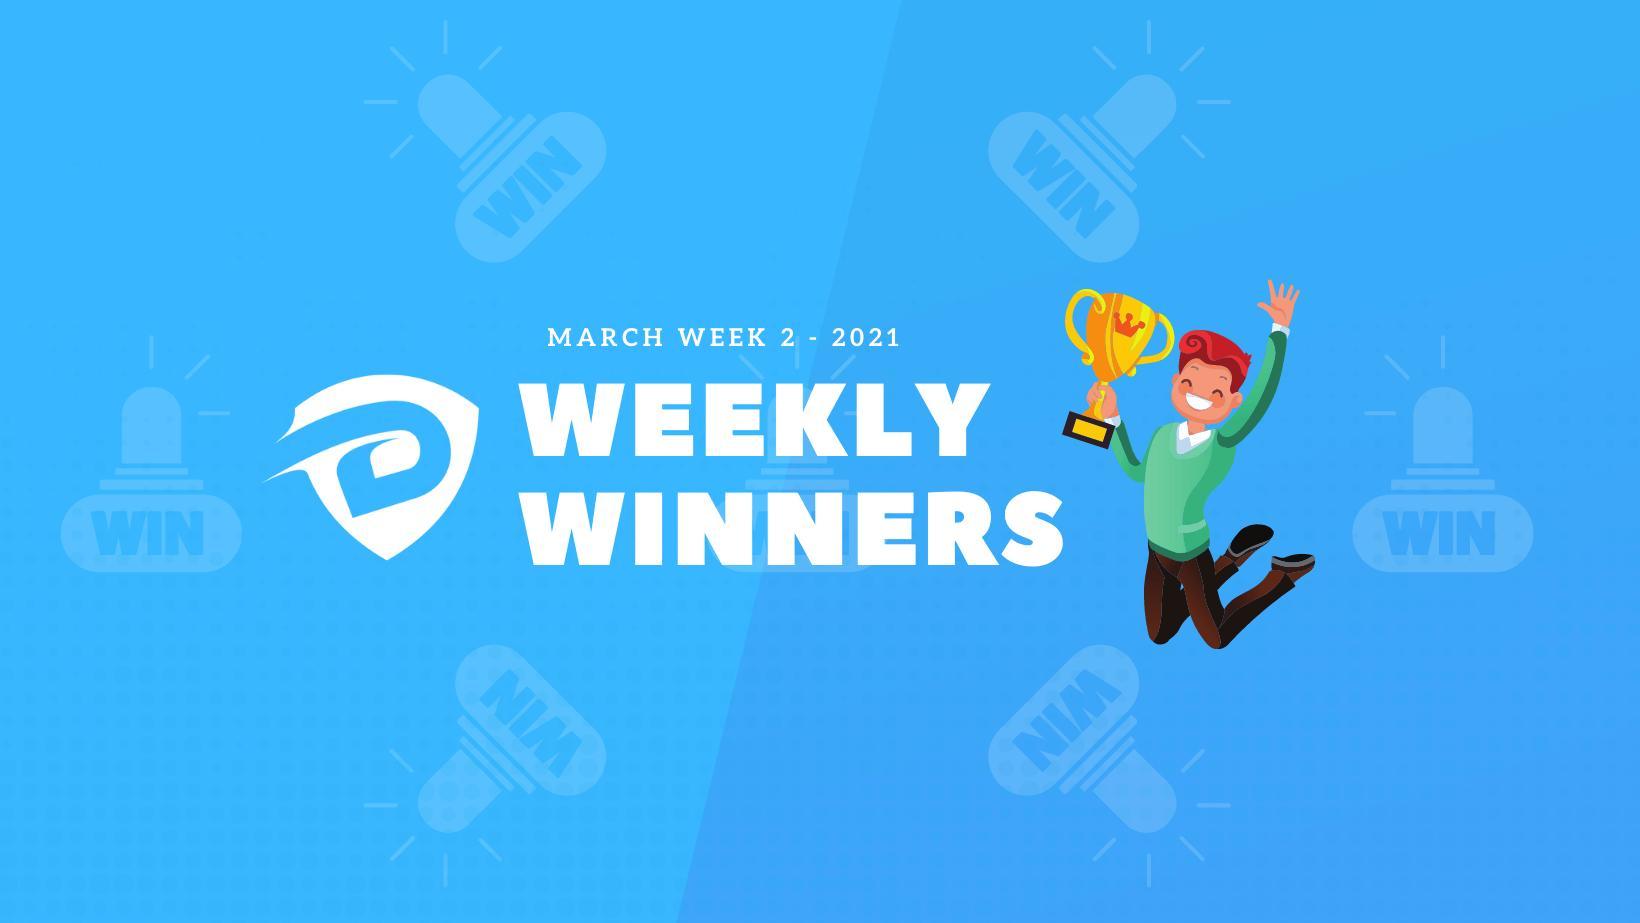 DevDojo Weekly Winners Week 2 March 2021